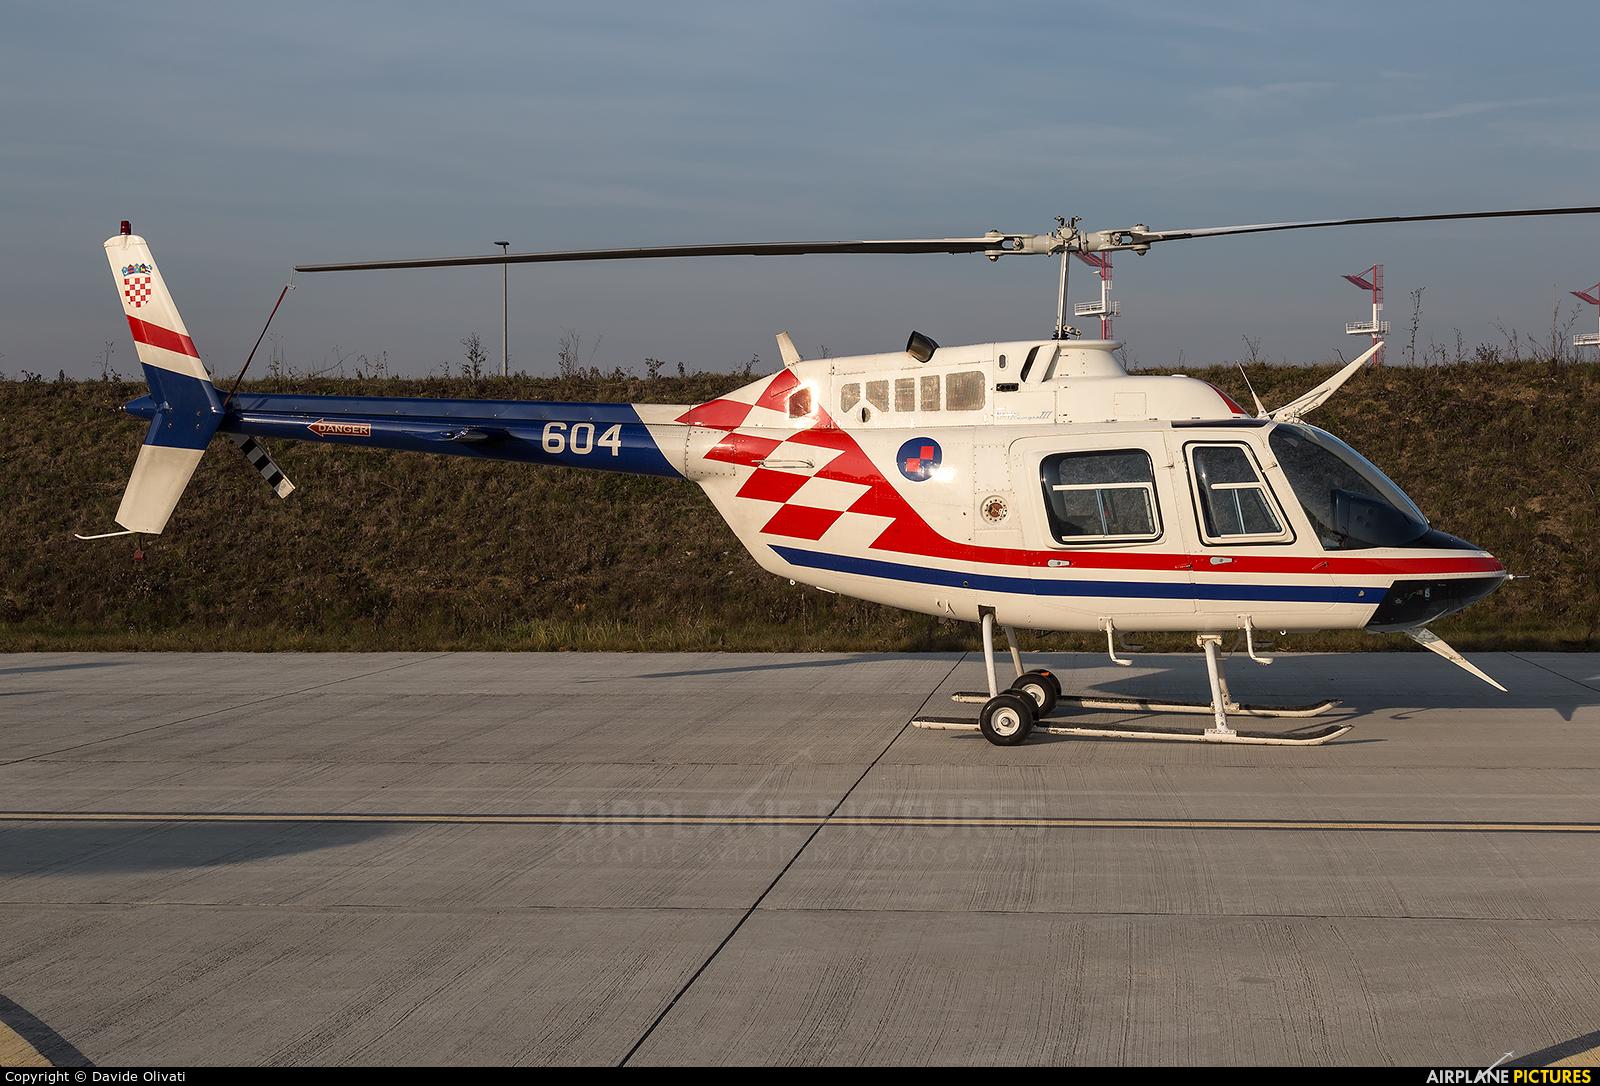 Croatia - Air Force 604 aircraft at Zagreb